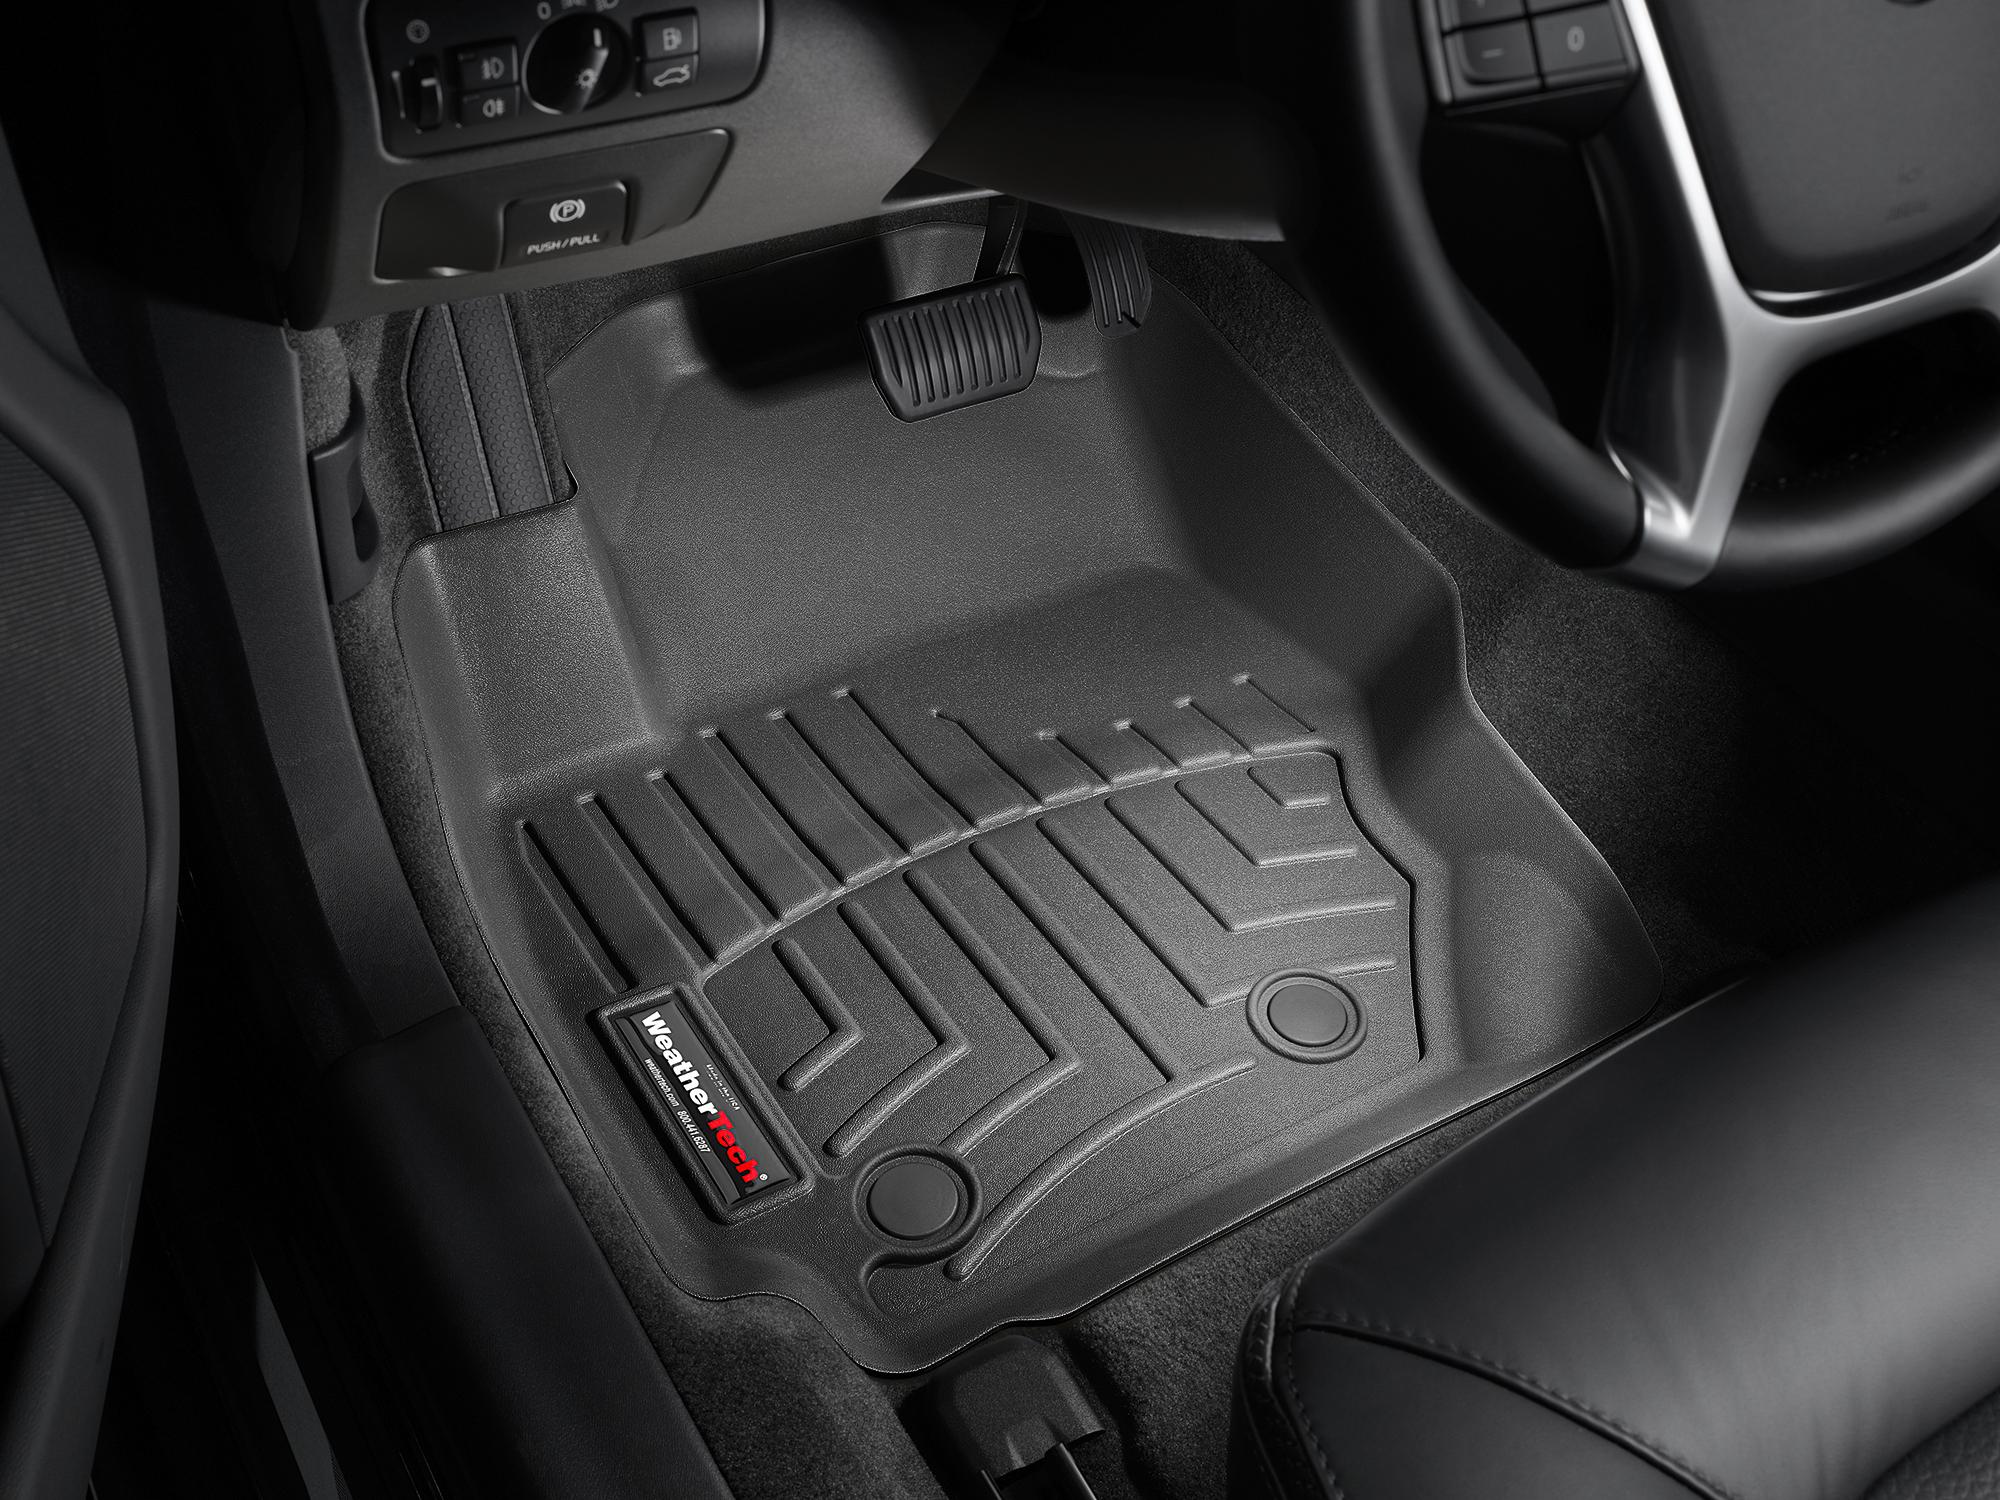 Tappeti gomma su misura bordo alto Volvo XC70 07>07 Nero A4429*